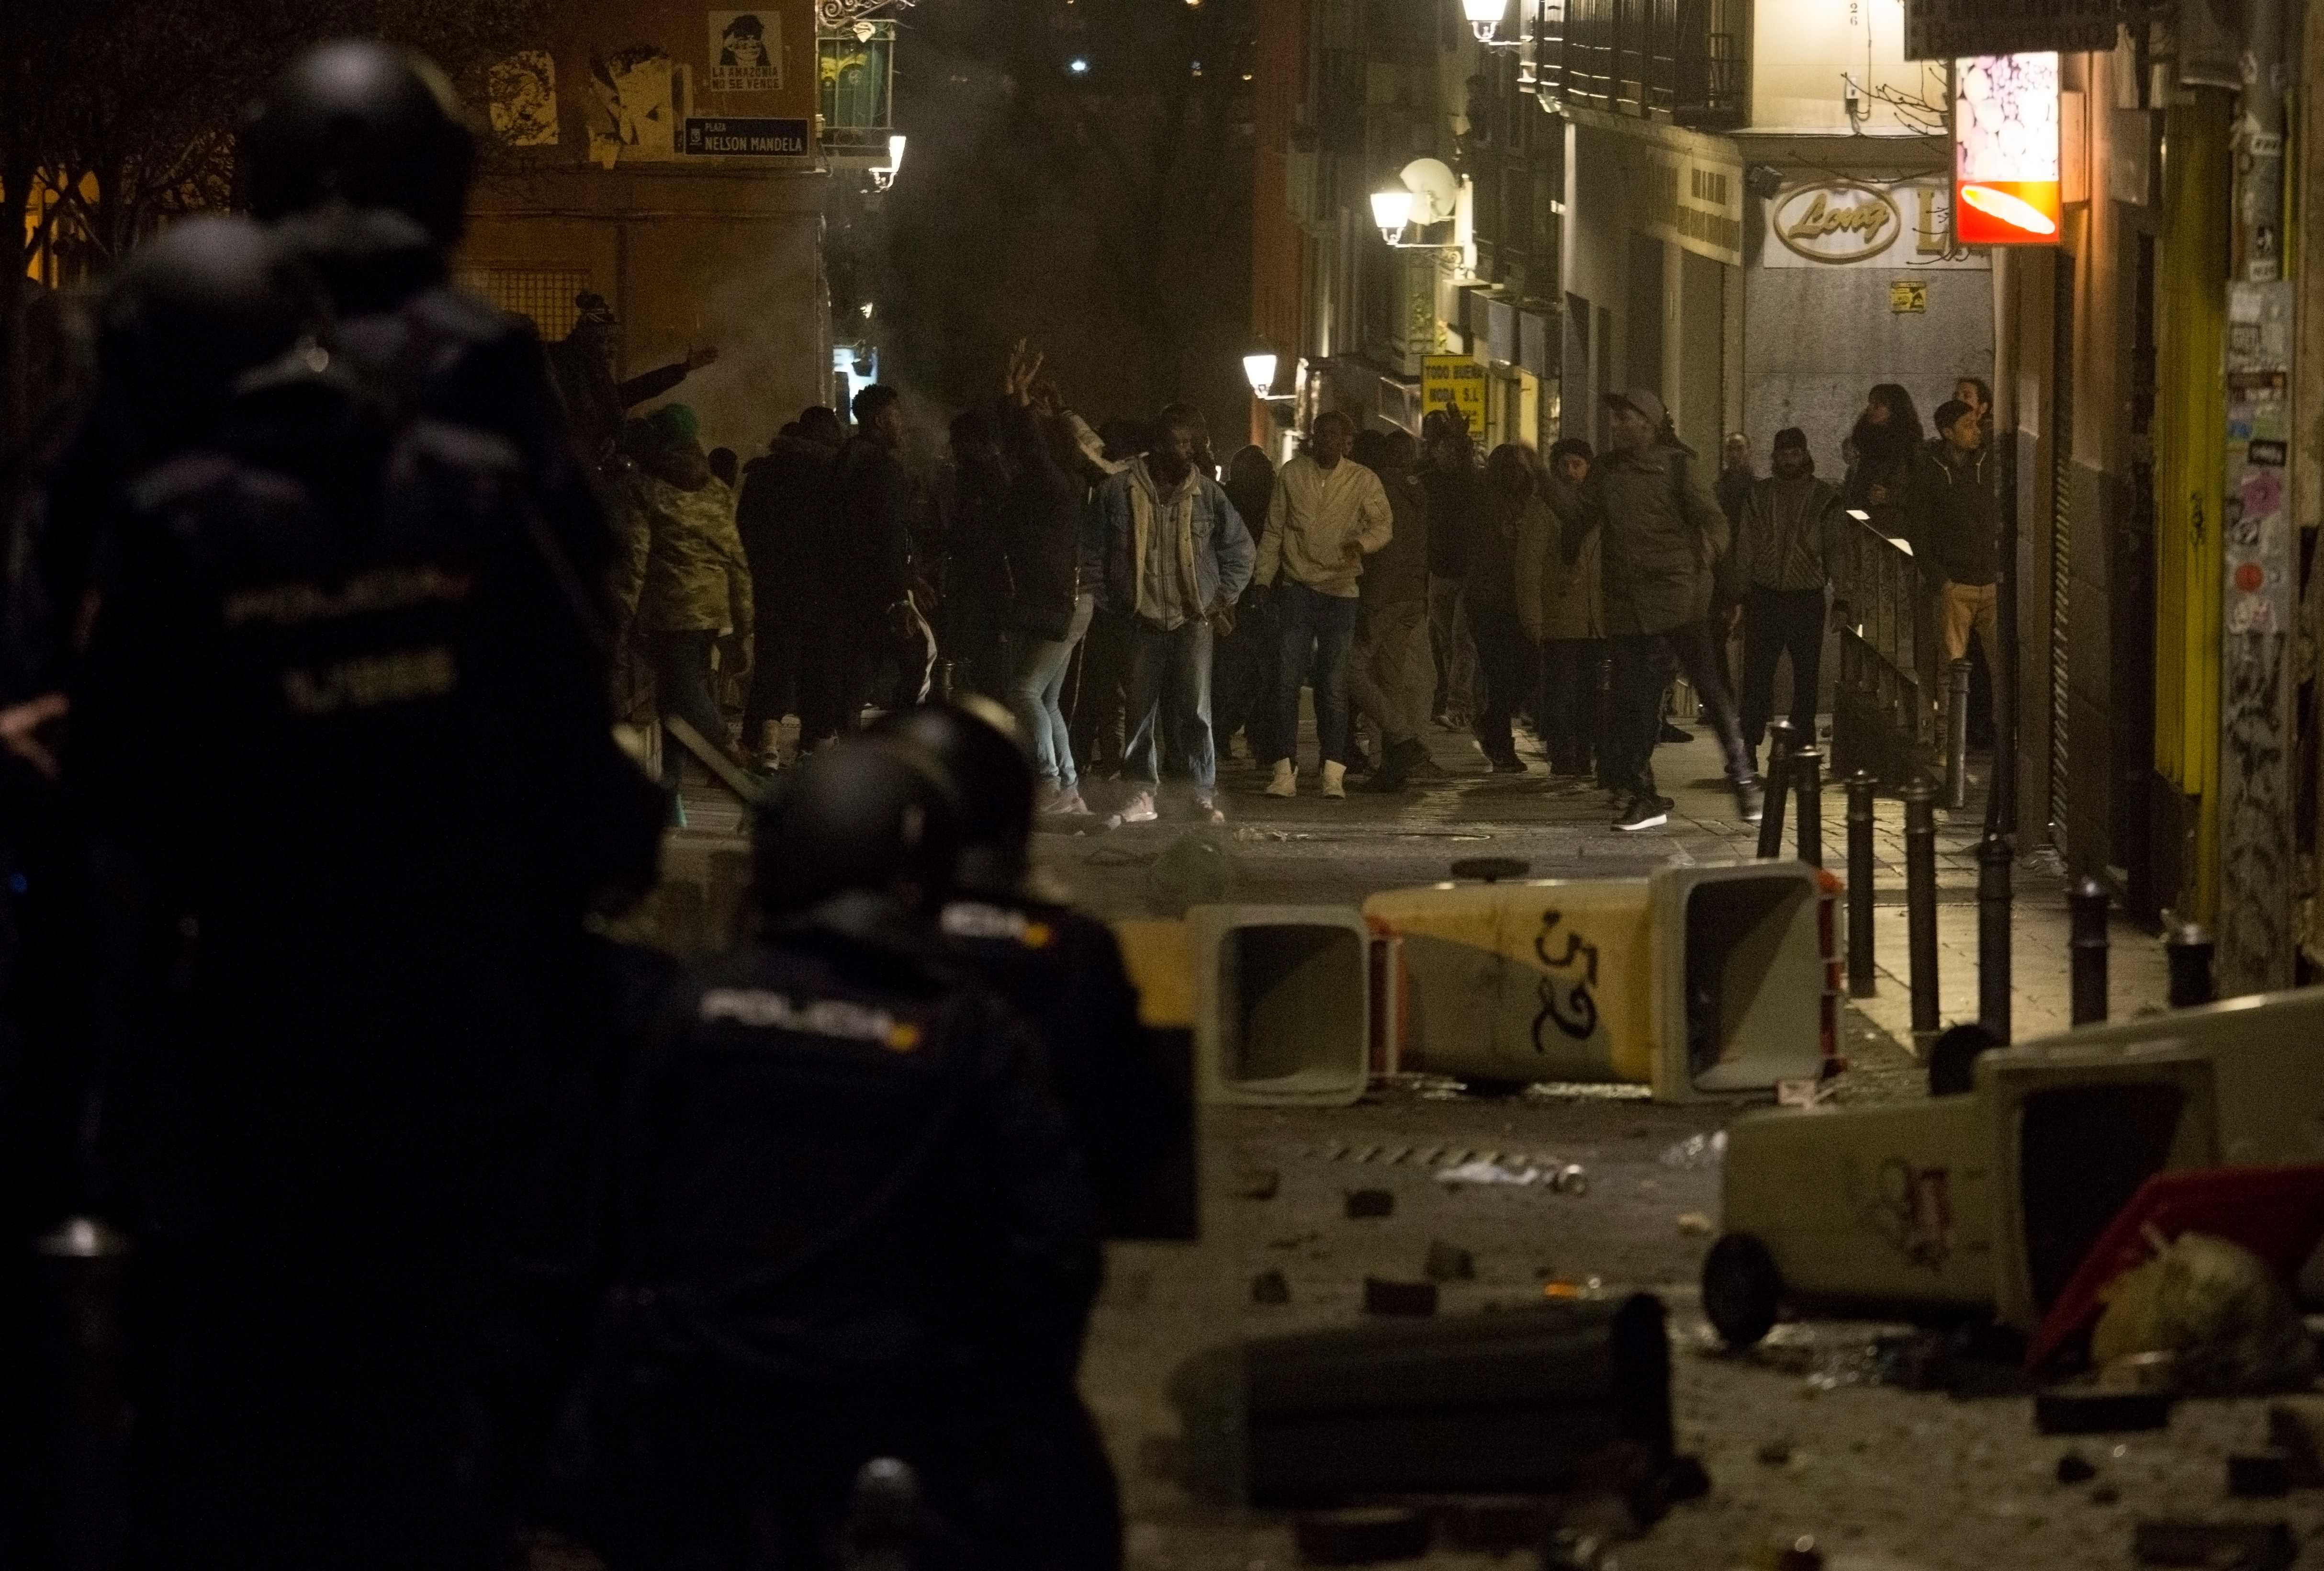 جانب من العنف بين الشرطة والمهاجرين